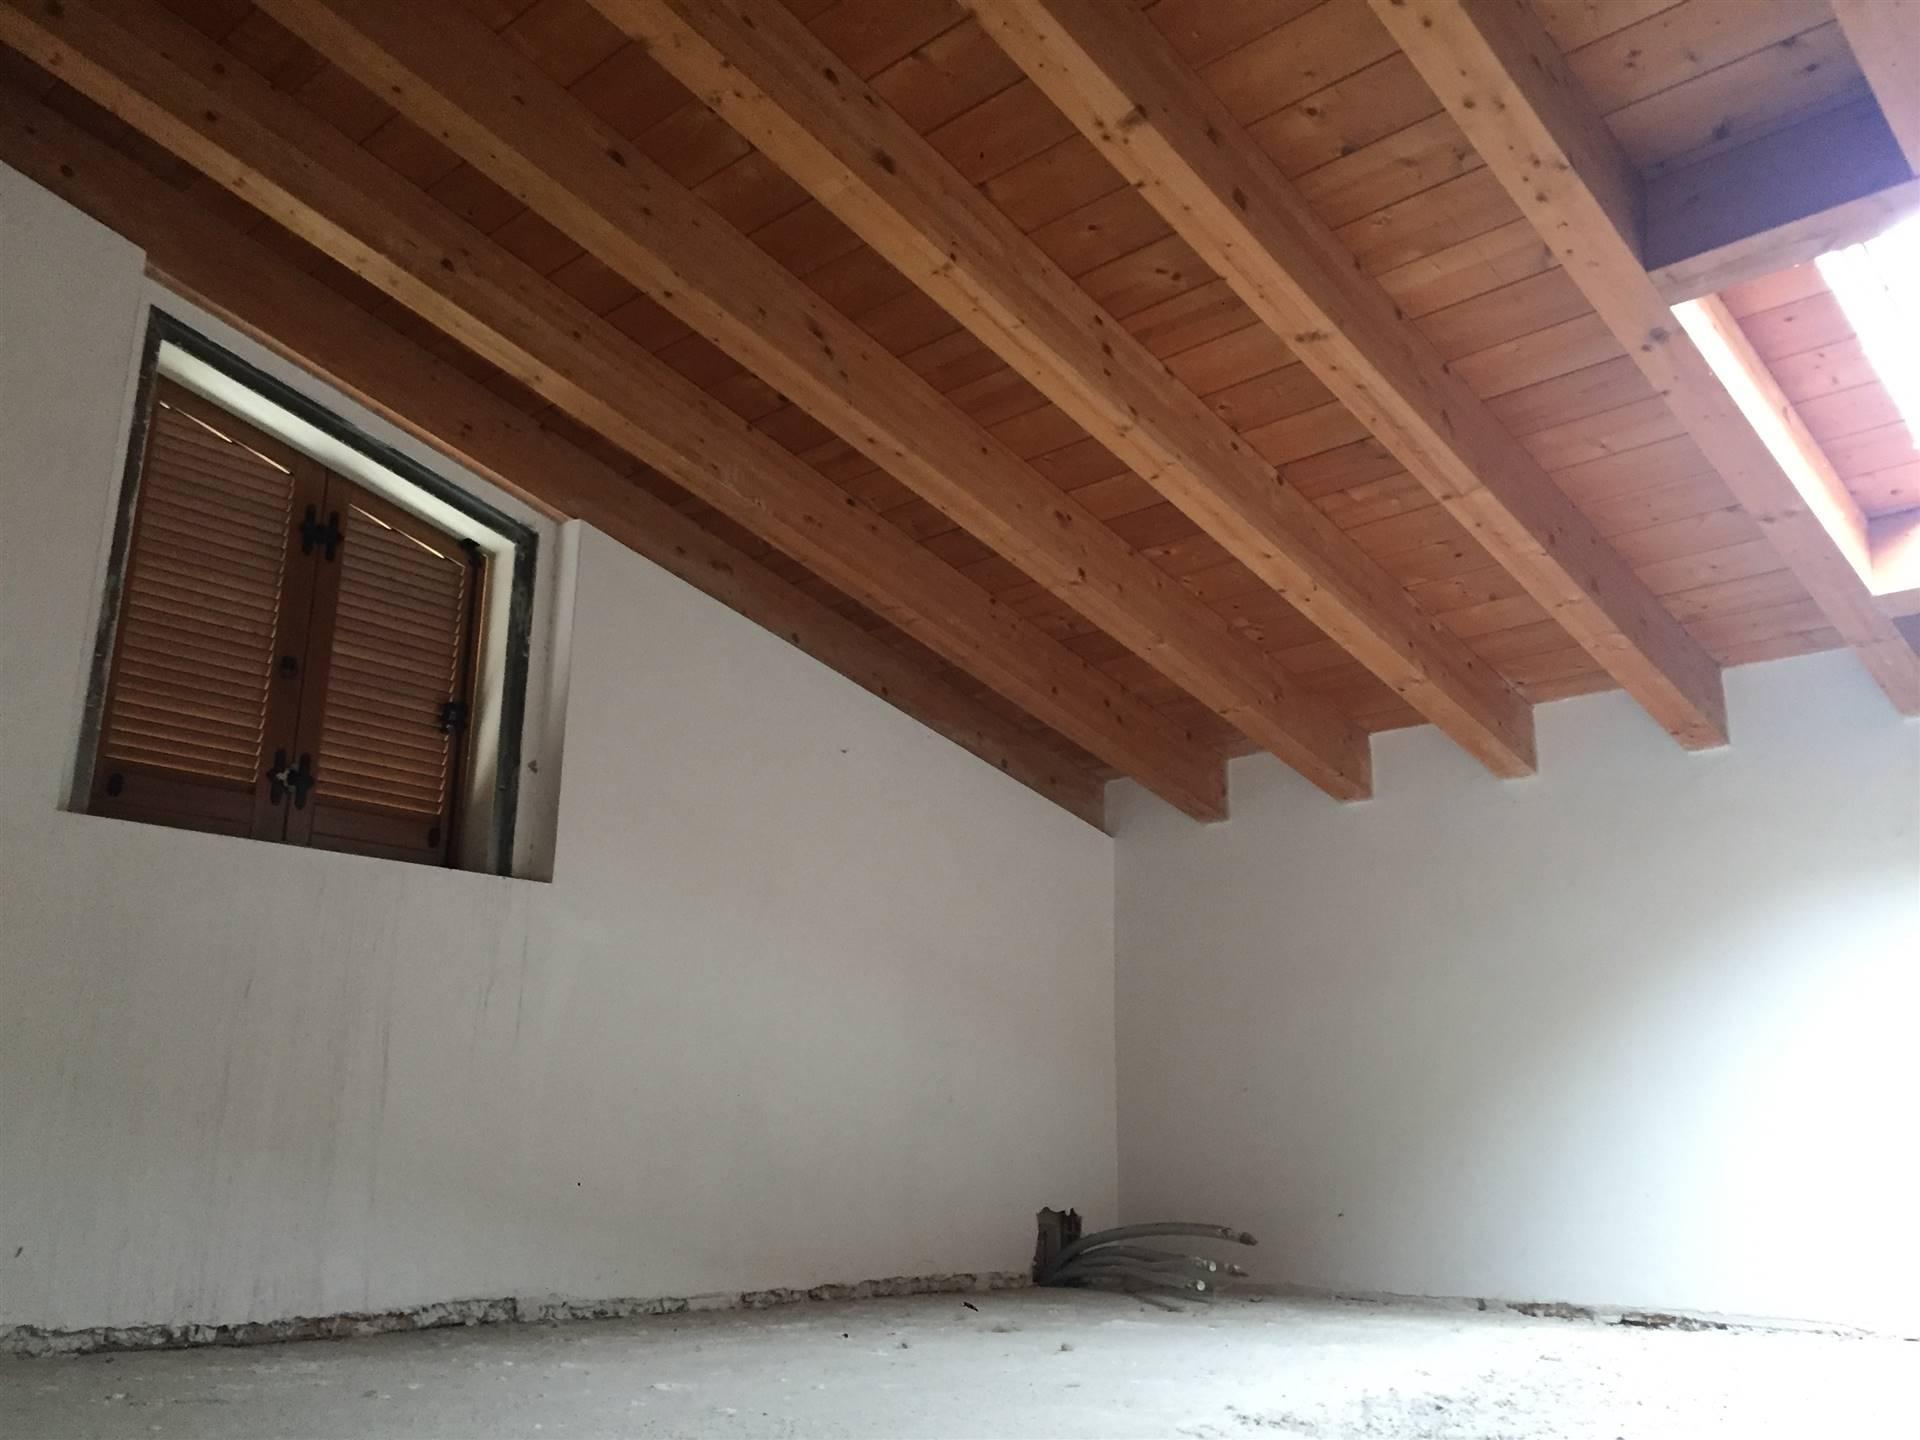 Vendiamo appartamento in villa completamente indipendente su due livelli posto in un contesto di sole 4 unità. Ingresso indipendente con piccolo